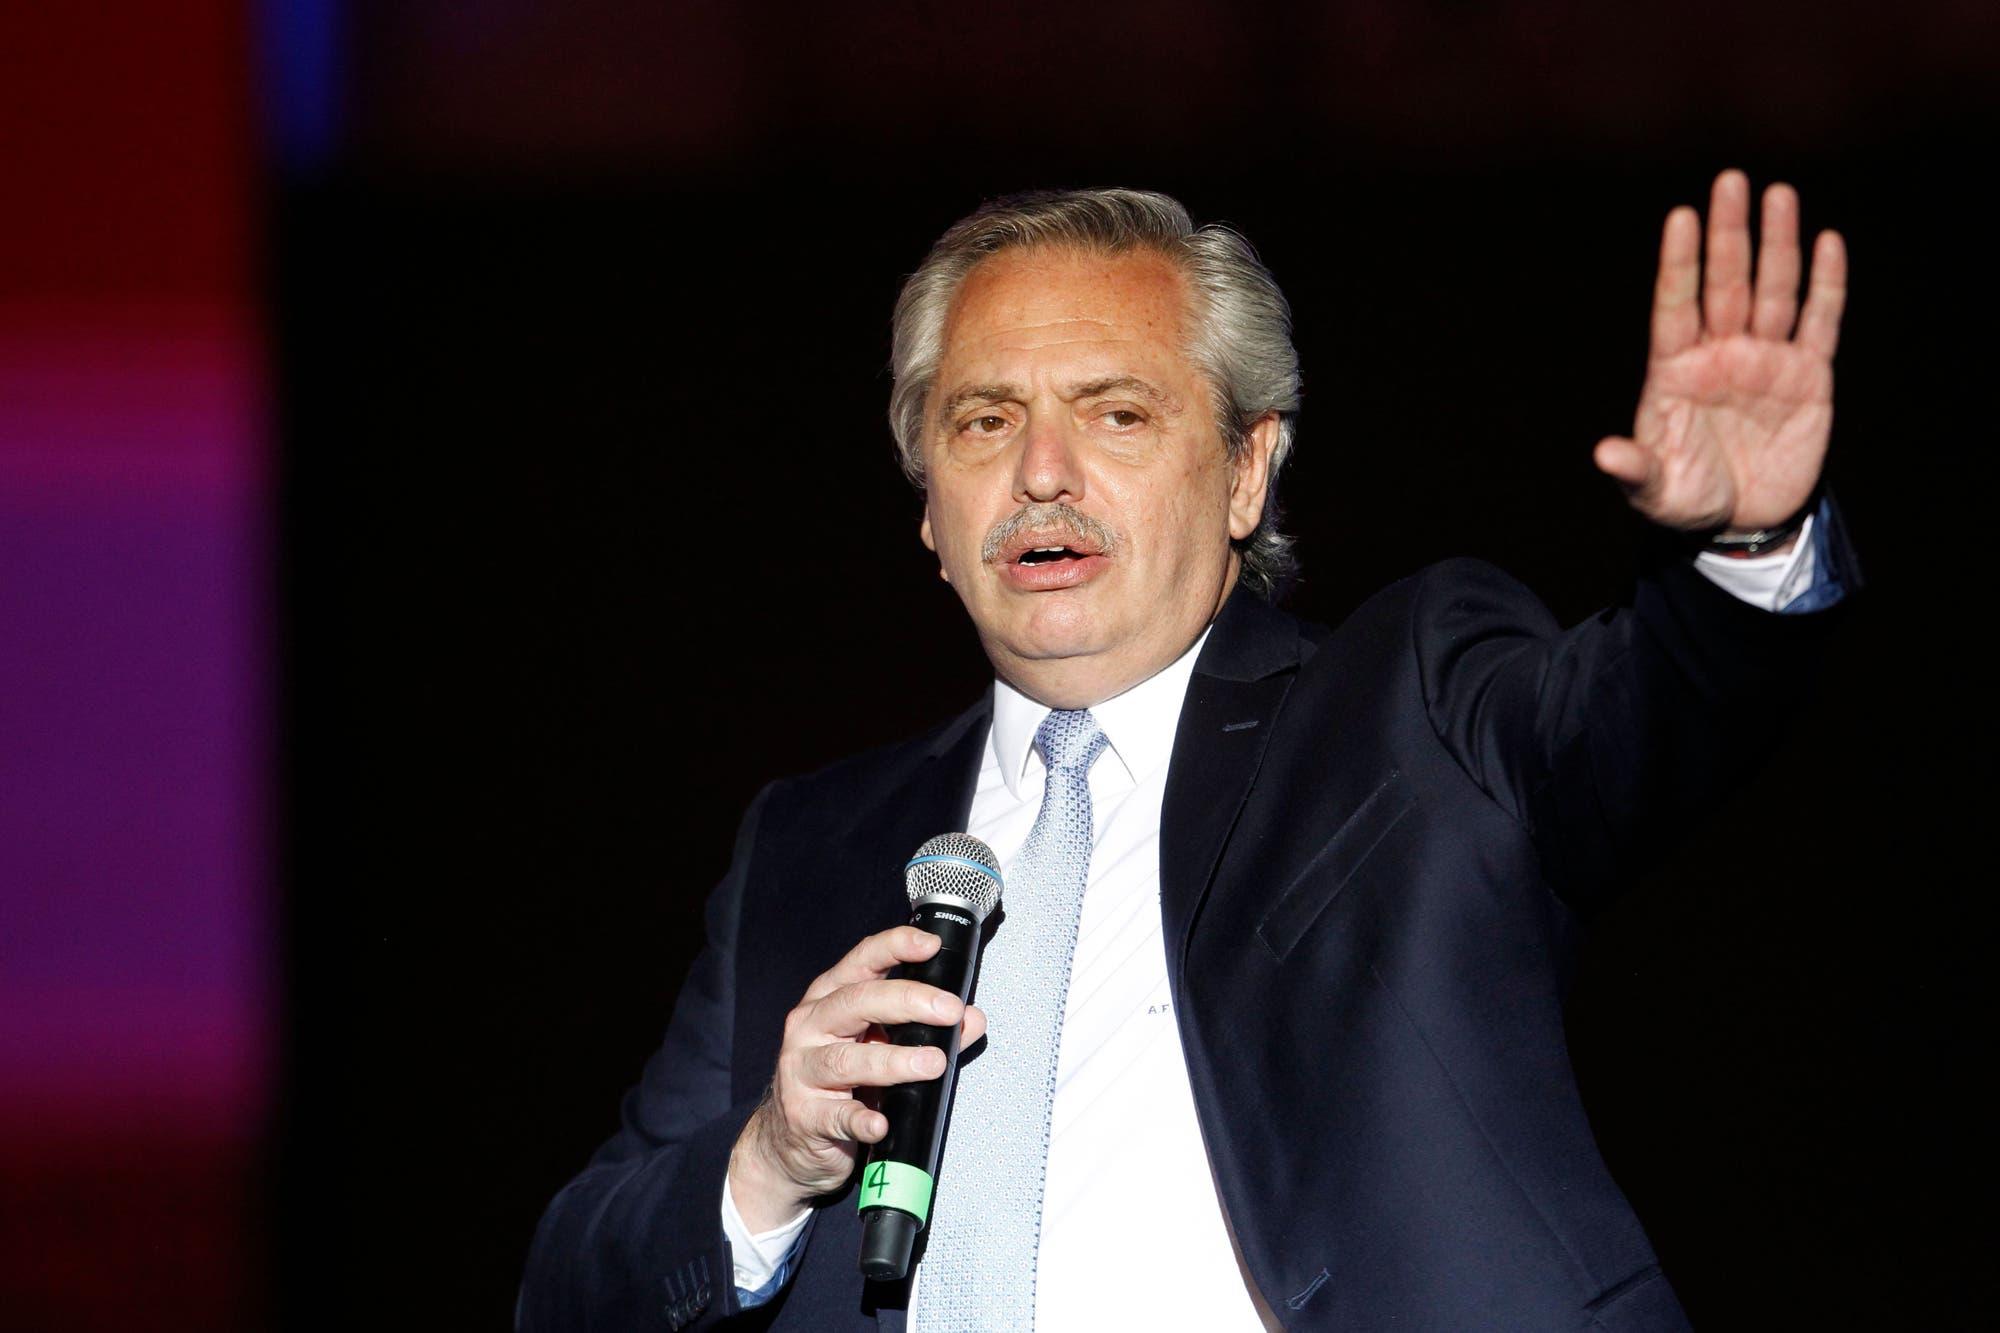 Polémica por un artículo que otorga poderes a Fernández para reformar el Estado